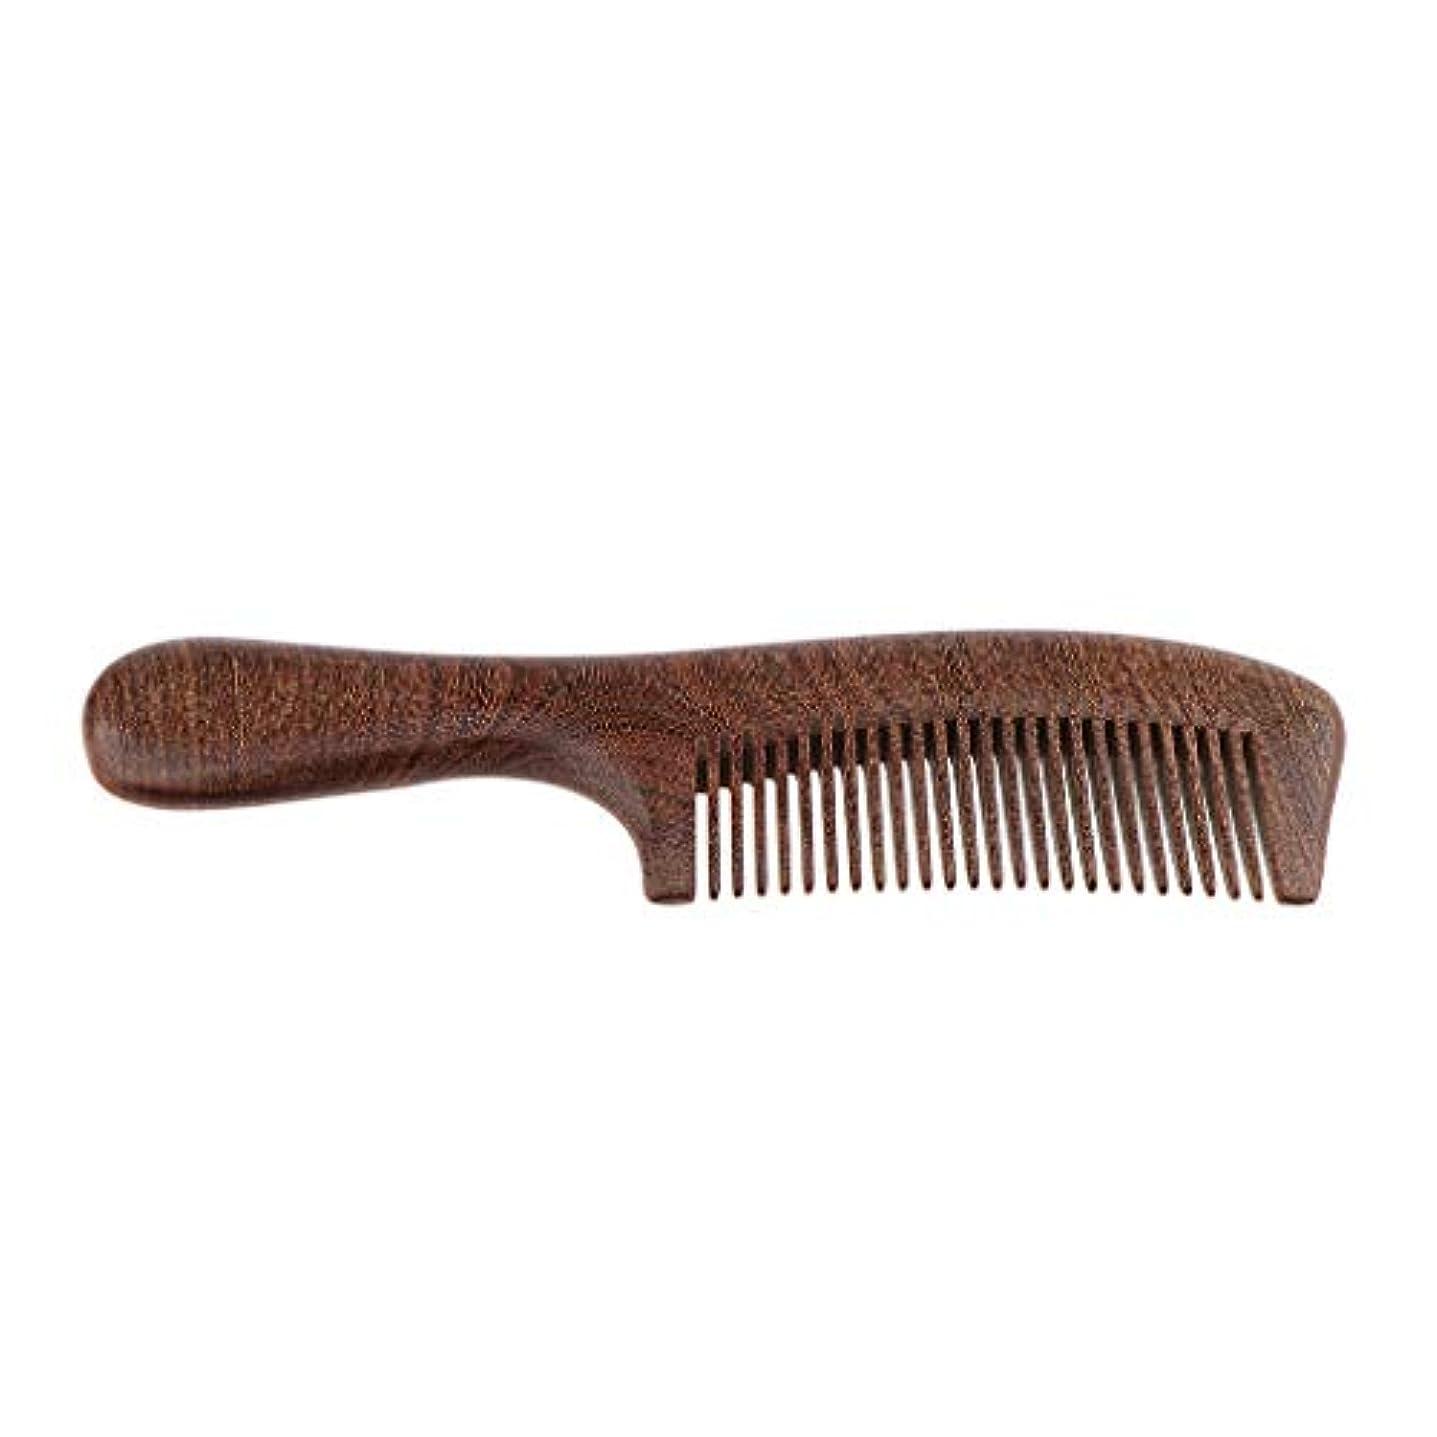 楽なテスピアン公平木製櫛 帯電防止櫛 頭皮マッサージ ヘアブラシ ヘアケア ヘアスタイリング